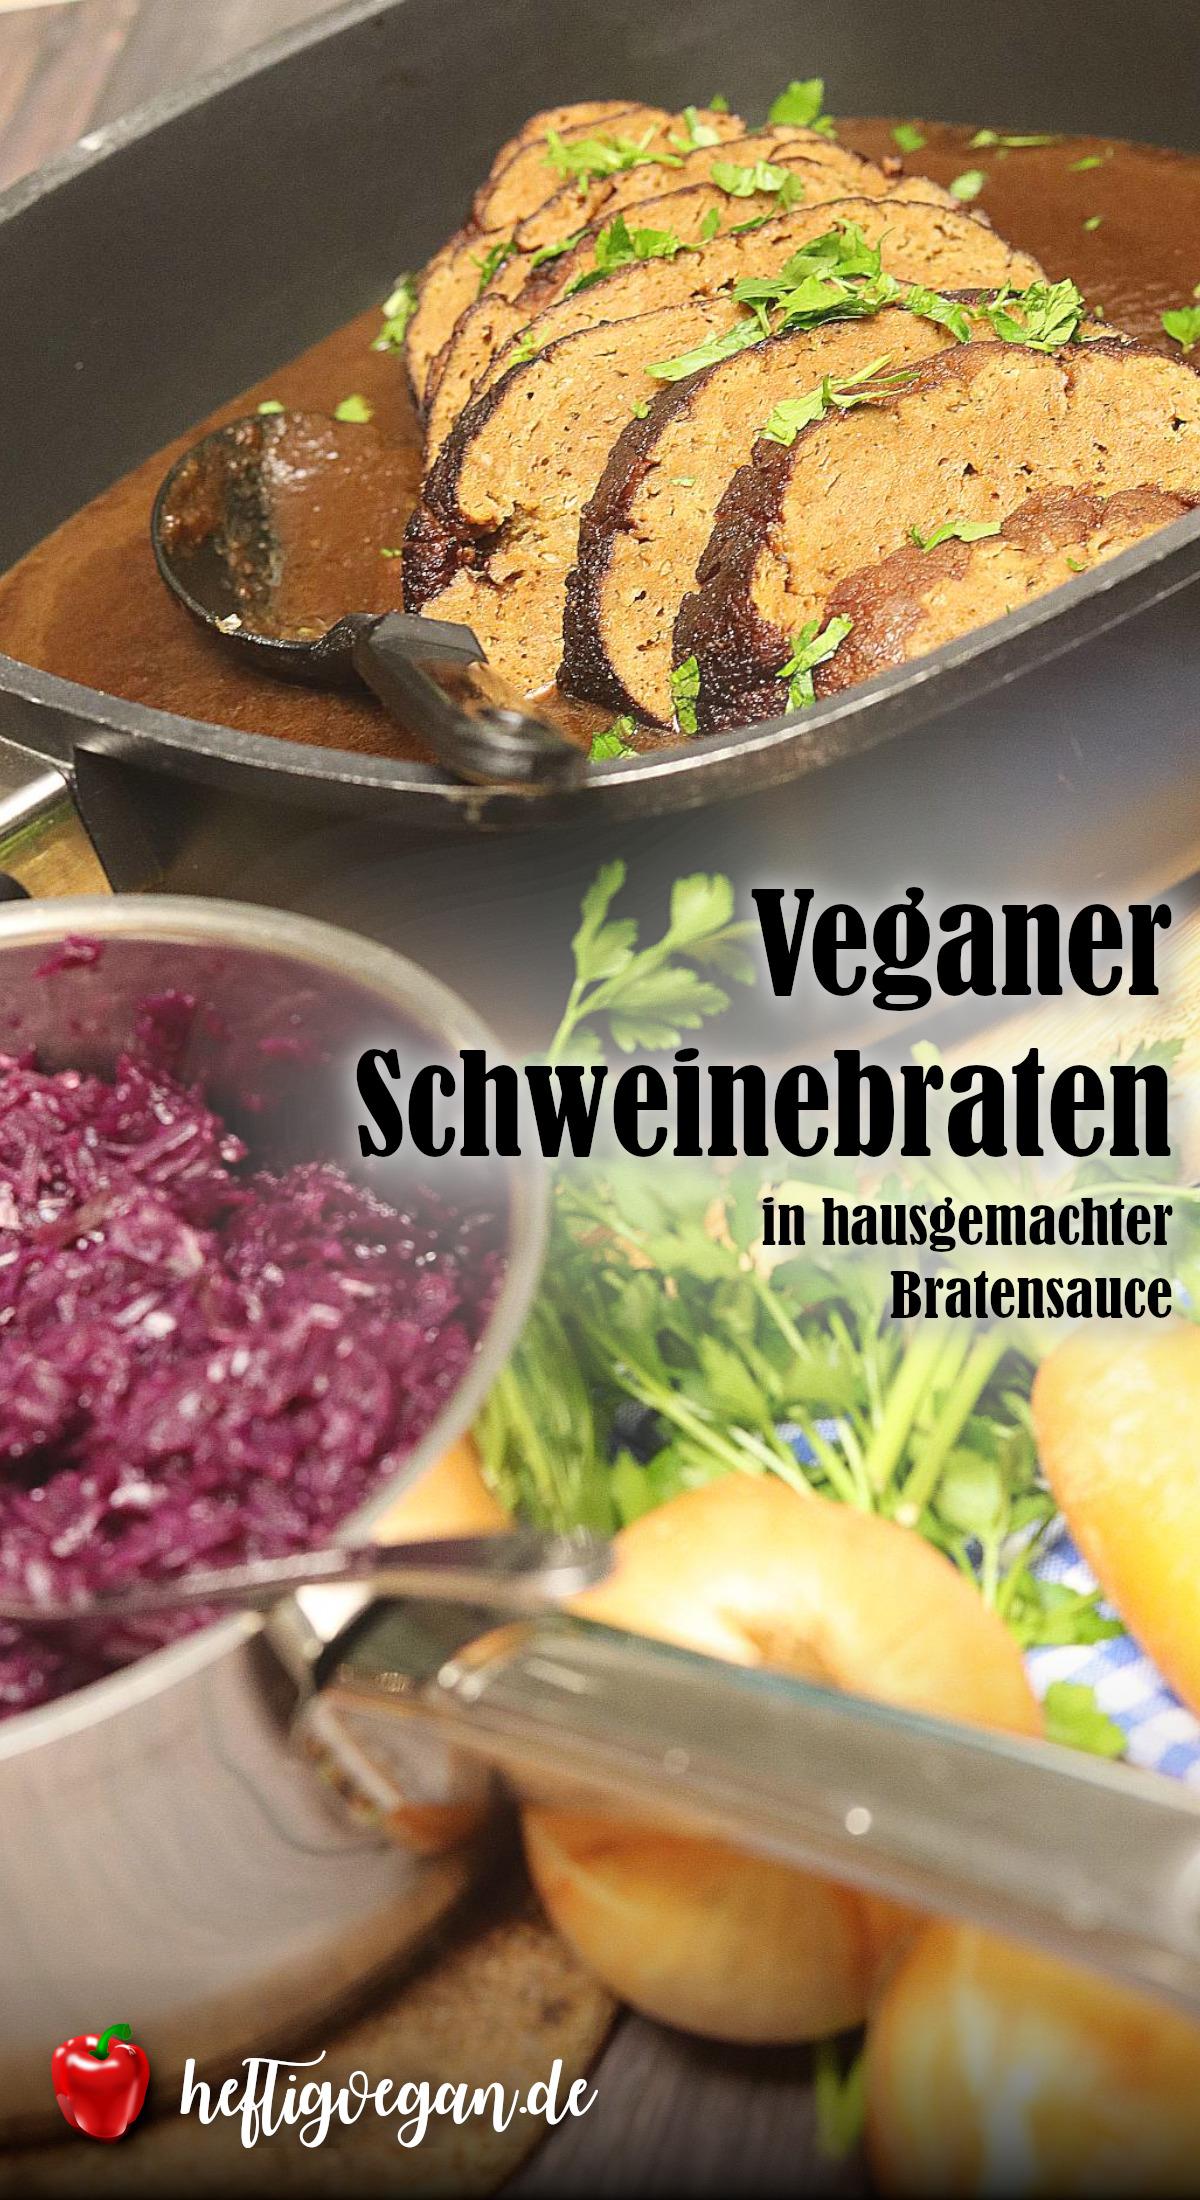 Veganer Schweinebraten aus Seitan, vegane Bratensauce ohne Fix, Pinterest